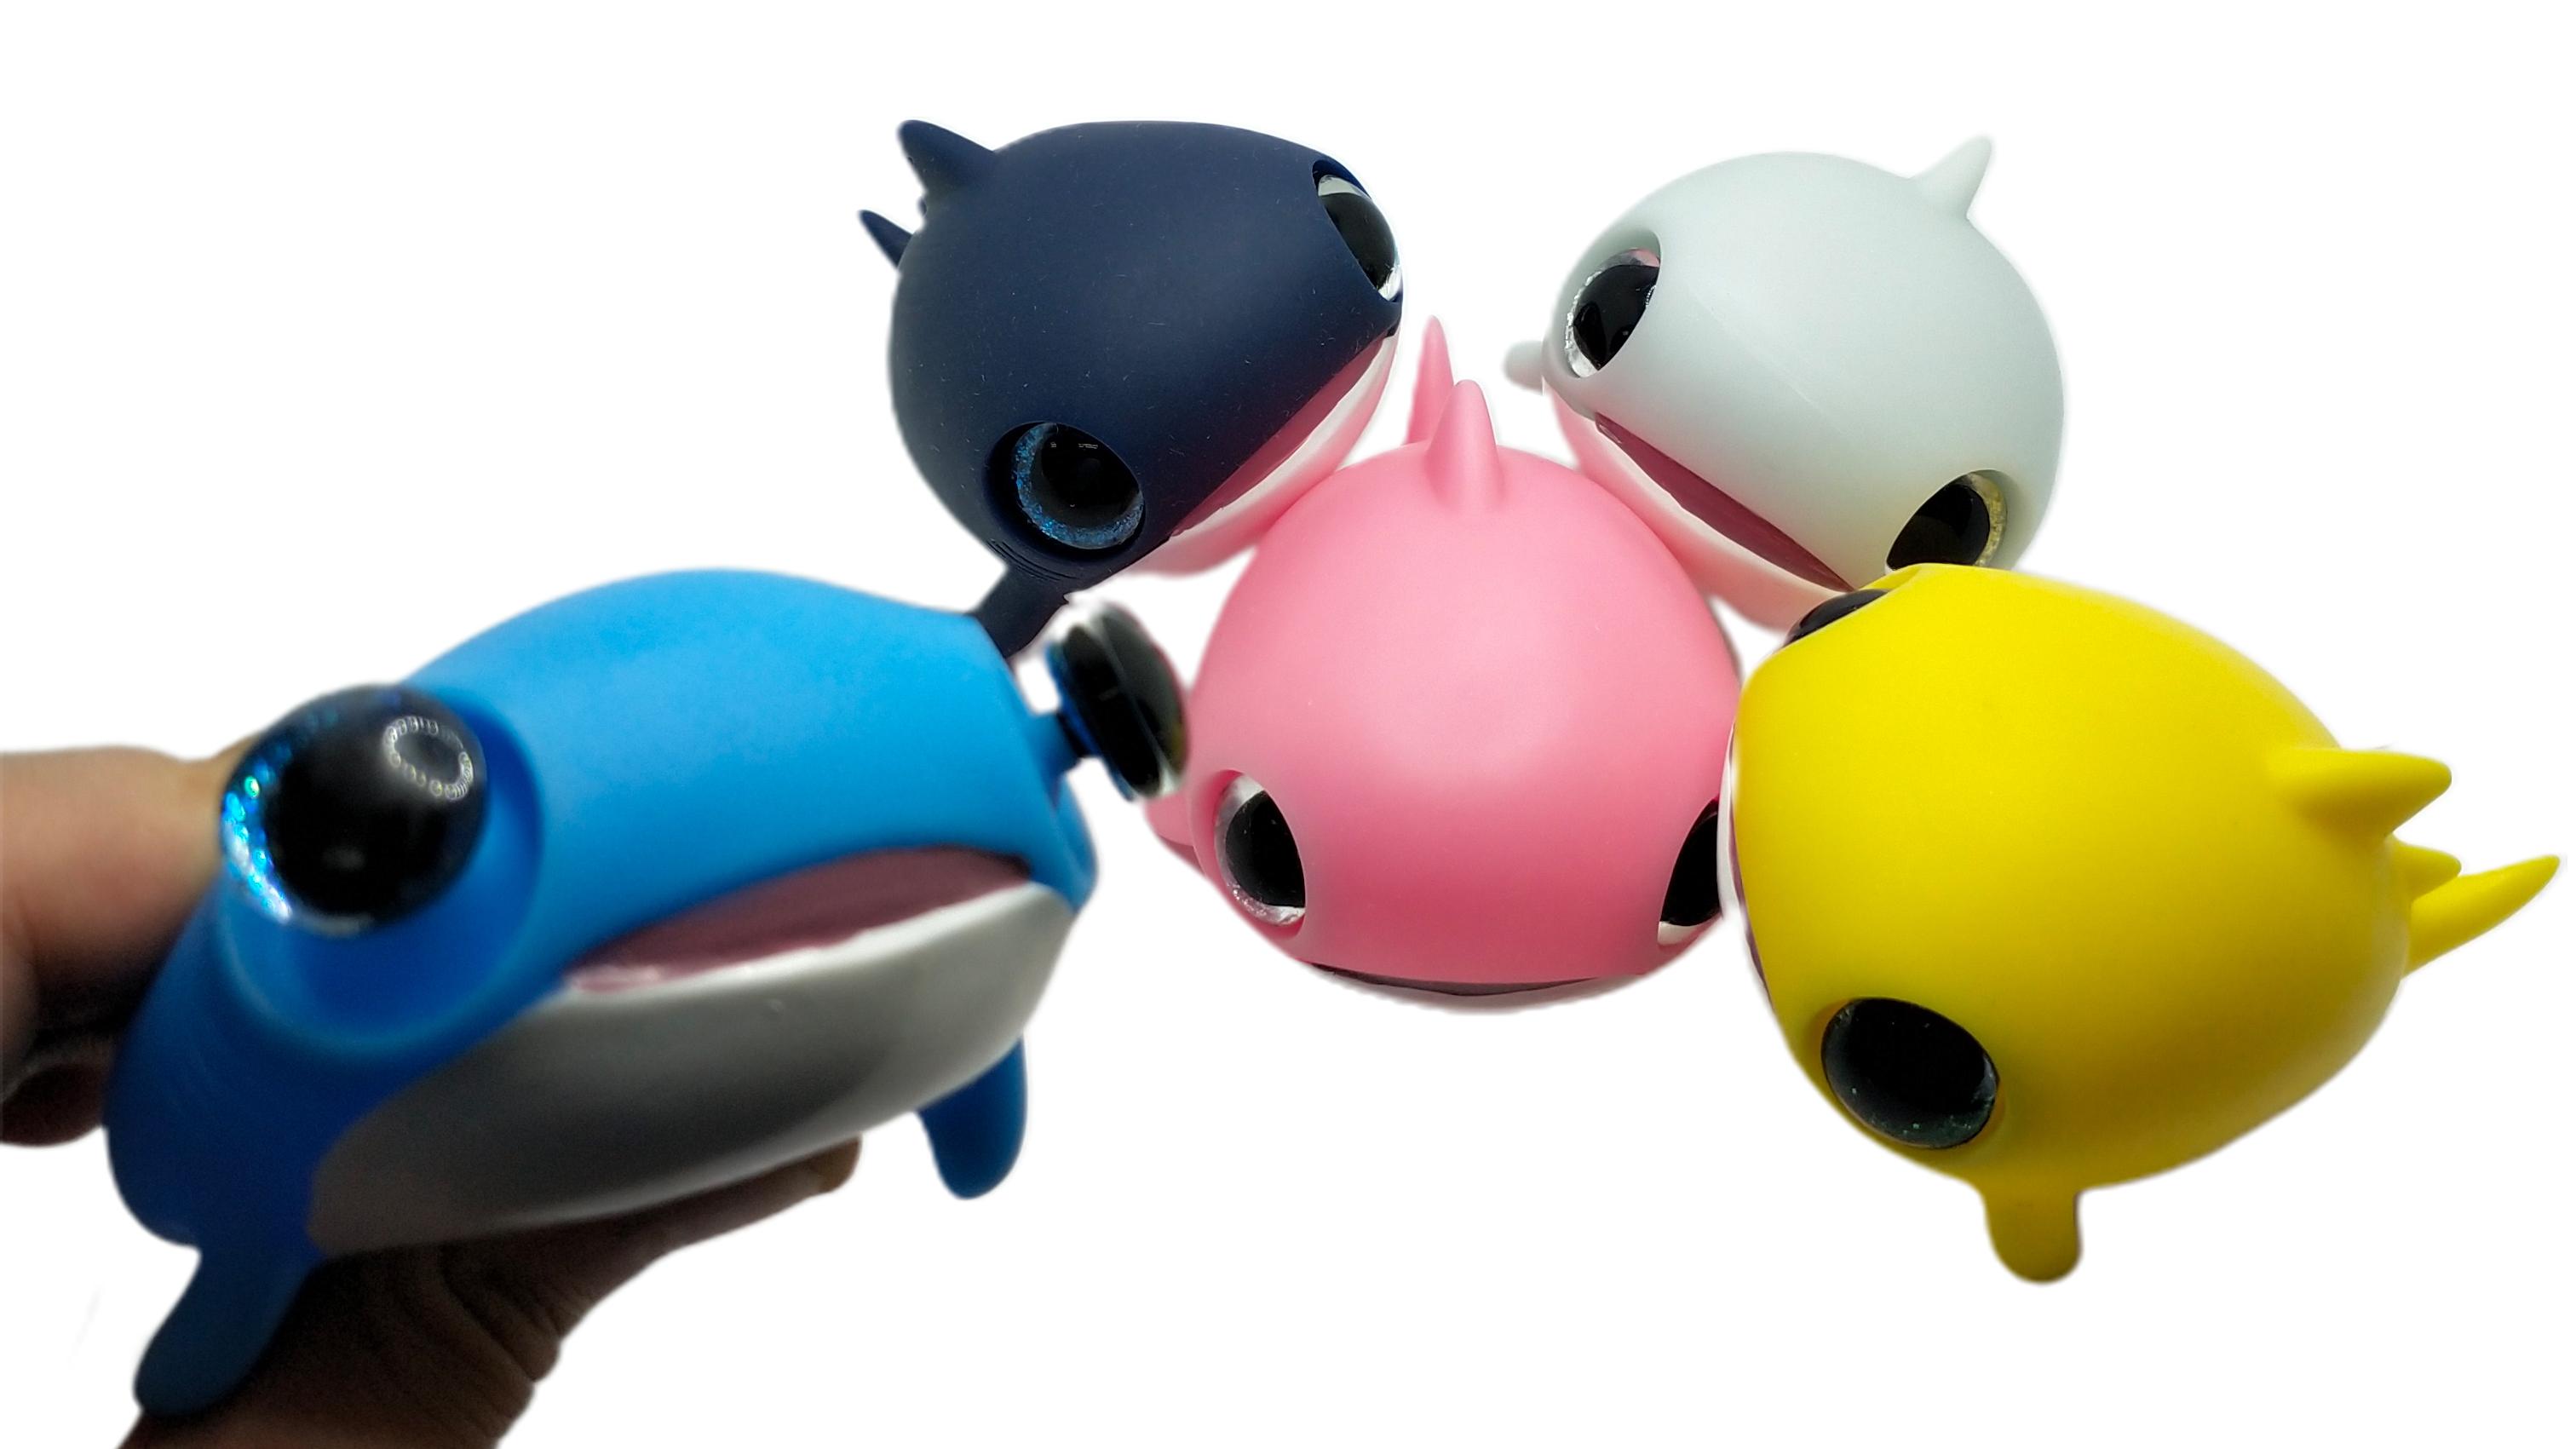 חדש כניסות צהוב צבע באג החוצה כריש Keychain עבור קידום מכירות